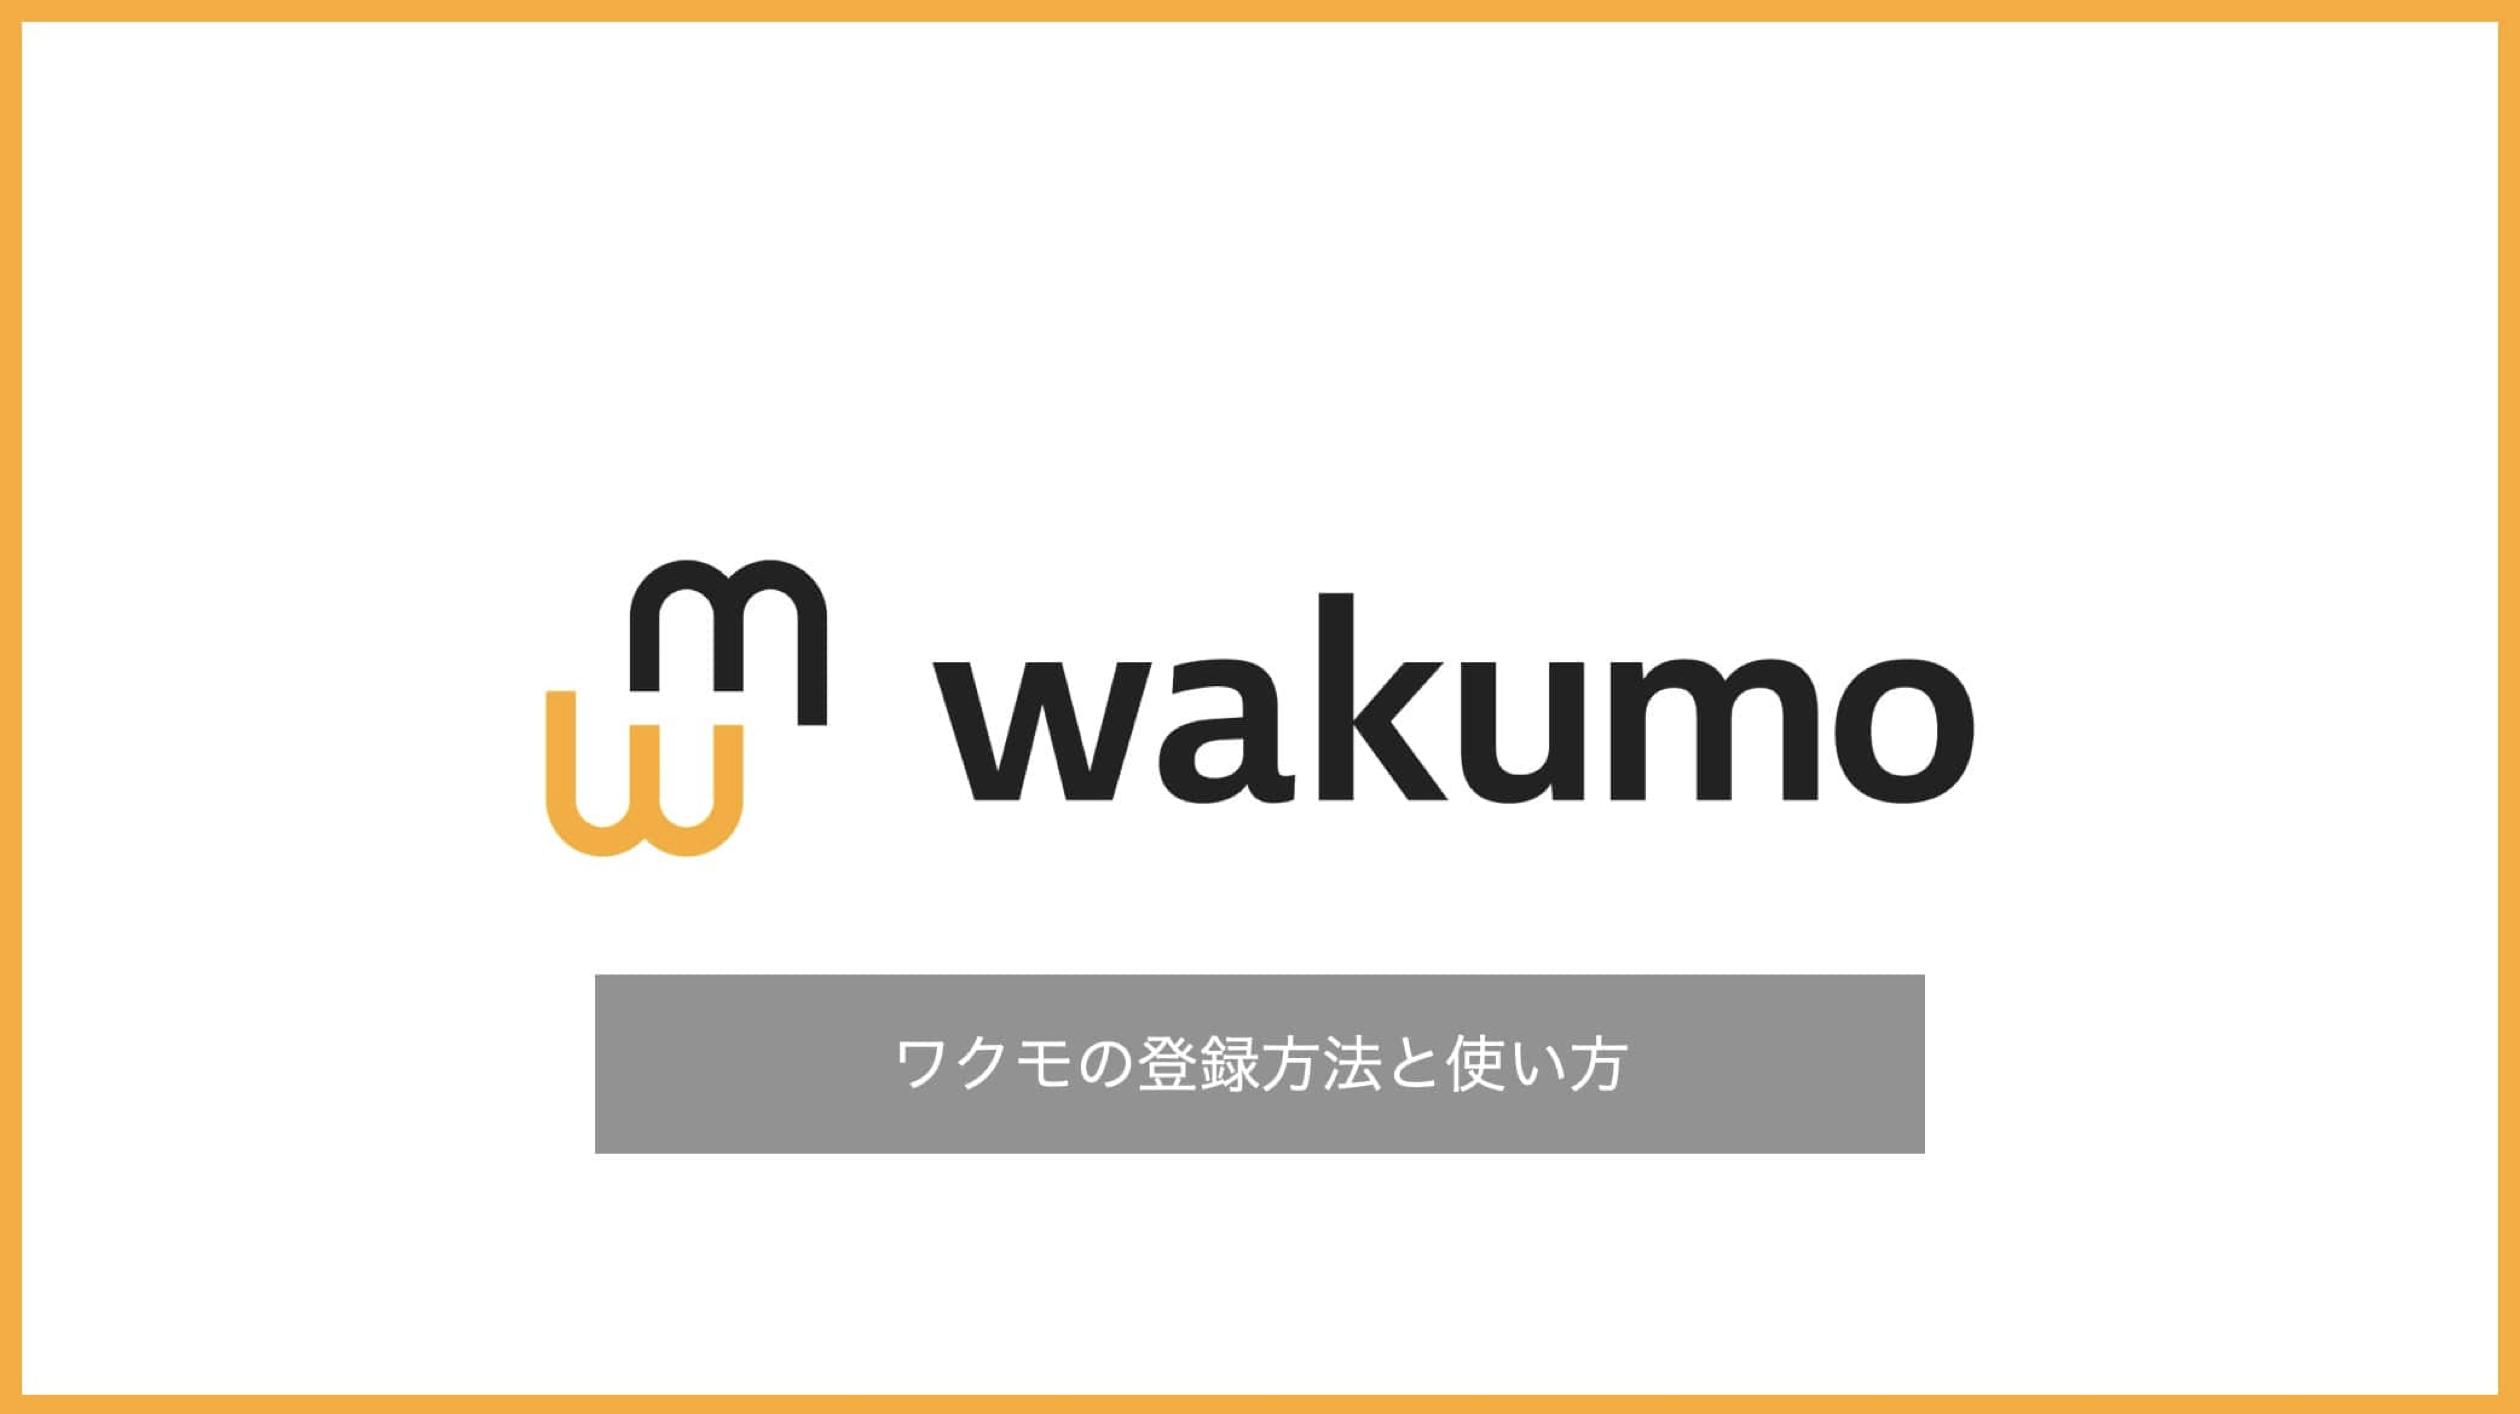 バイトアプリwakumo(ワクモ )のクチコミ評判